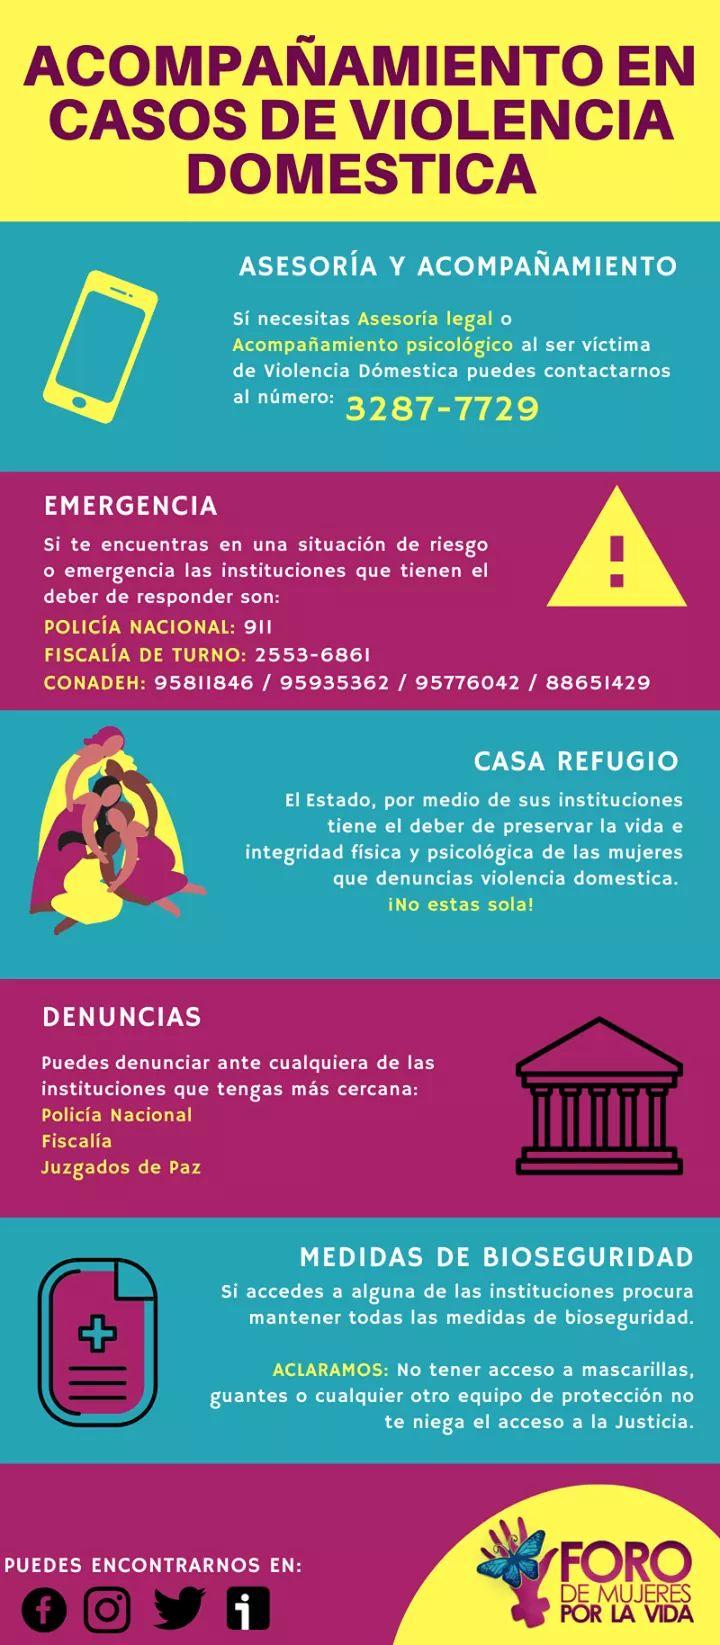 Si estás en Honduras, te compartimos esta información que puede salvar tu vida. ¡No dudes en buscar ayuda!